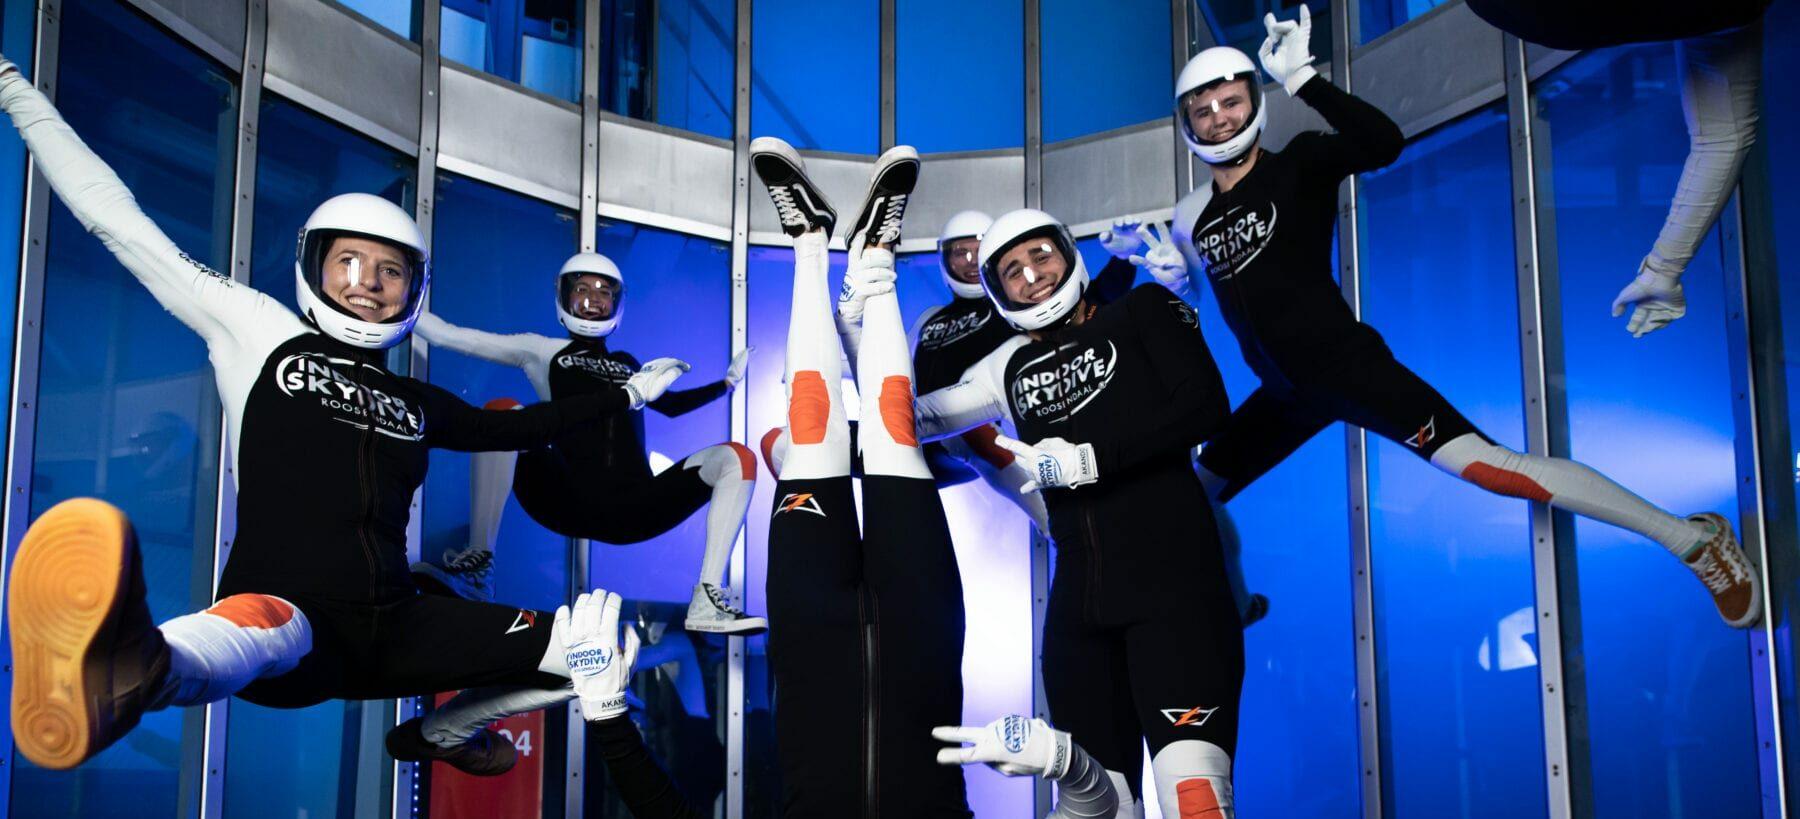 Hoe trainen instructeurs van Indoor Skydive Roosendaal de eigen vaardigheden?